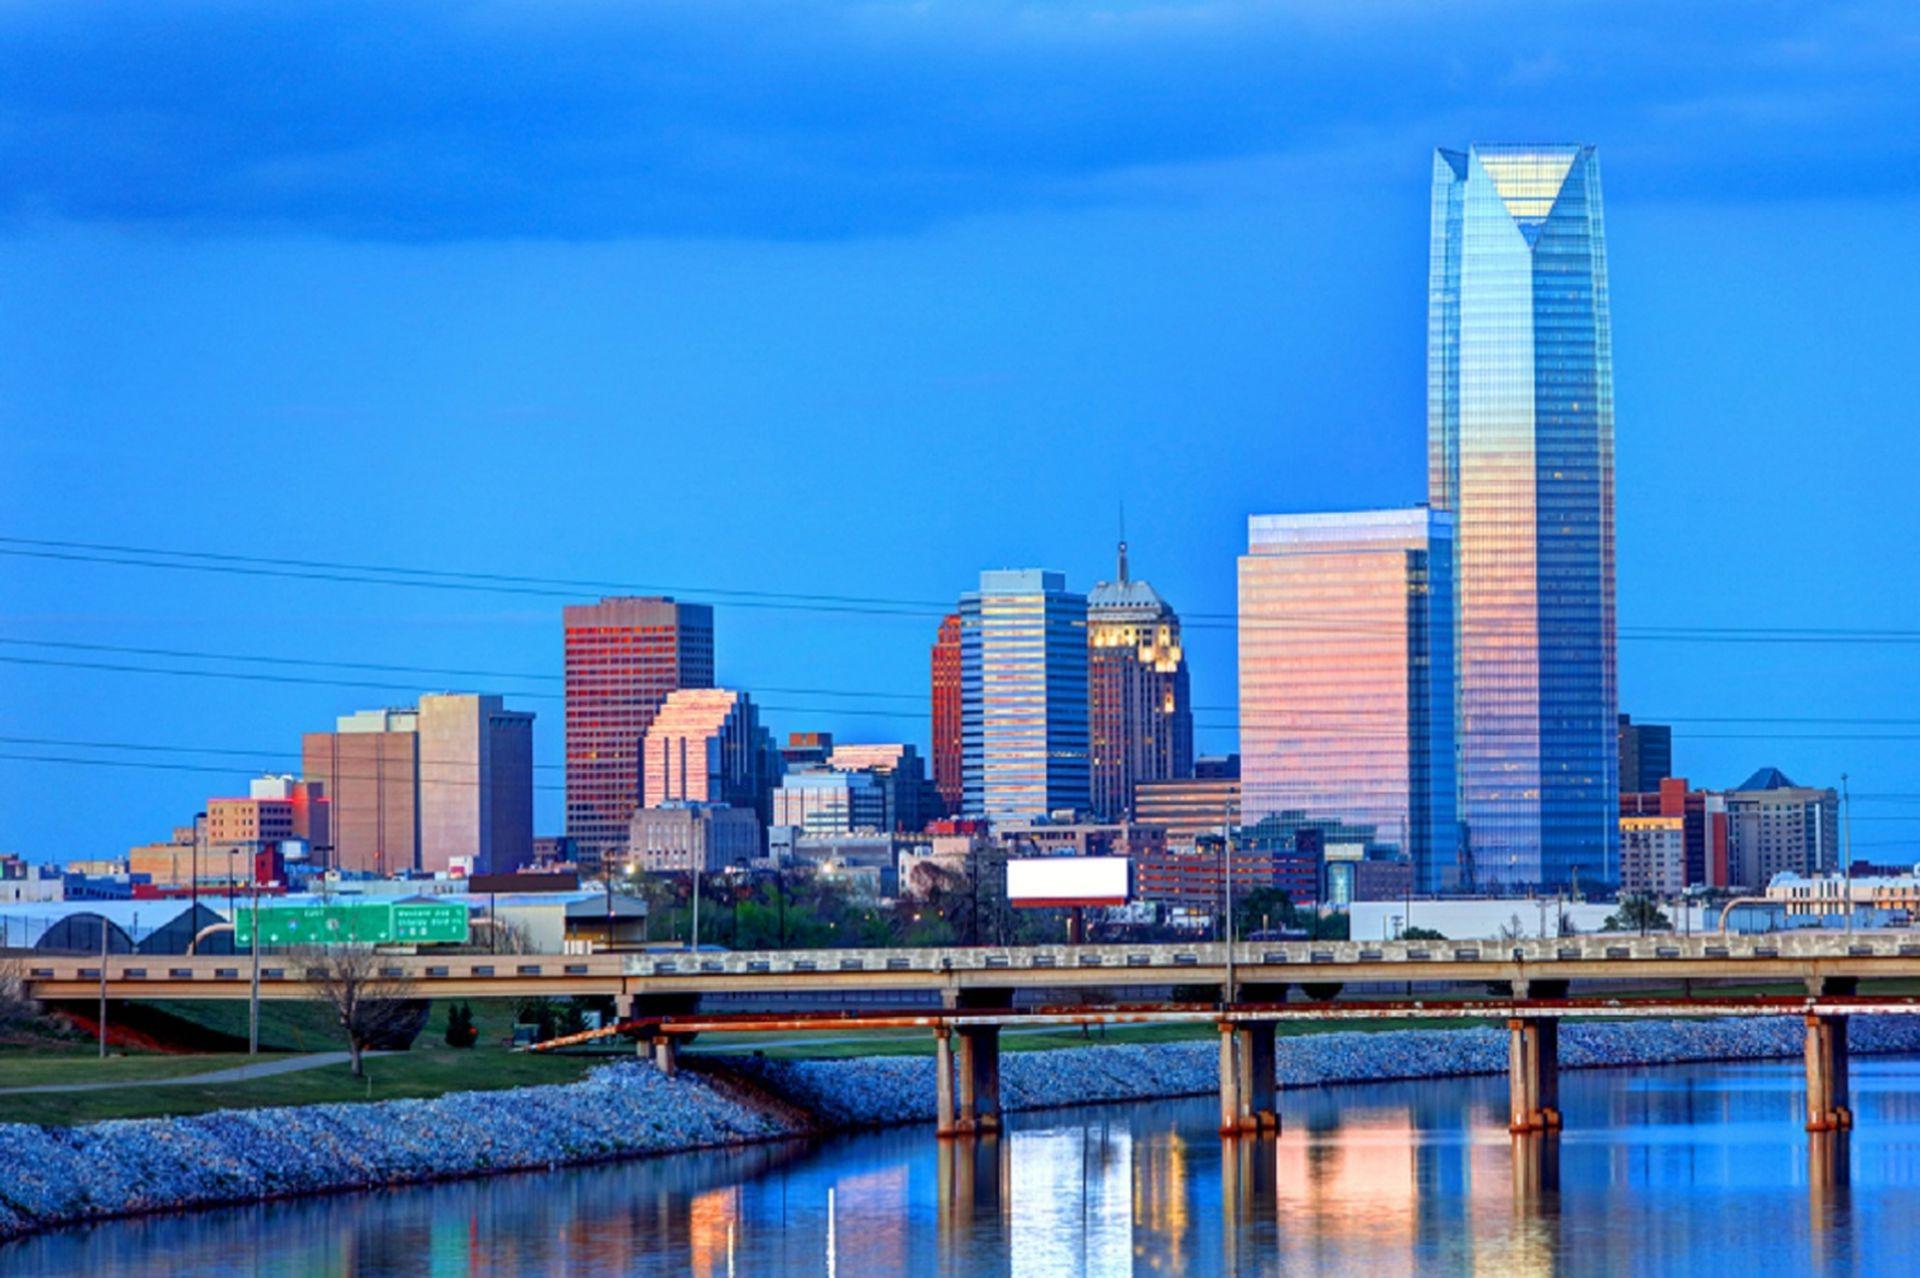 Oklahoma City es la capital del Estado de Oklahoma, en EE.UU. Es conocida por la cultura de los vaqueros y el complejo del capitolio, rodeado de pozos petroleros en funcionamiento.